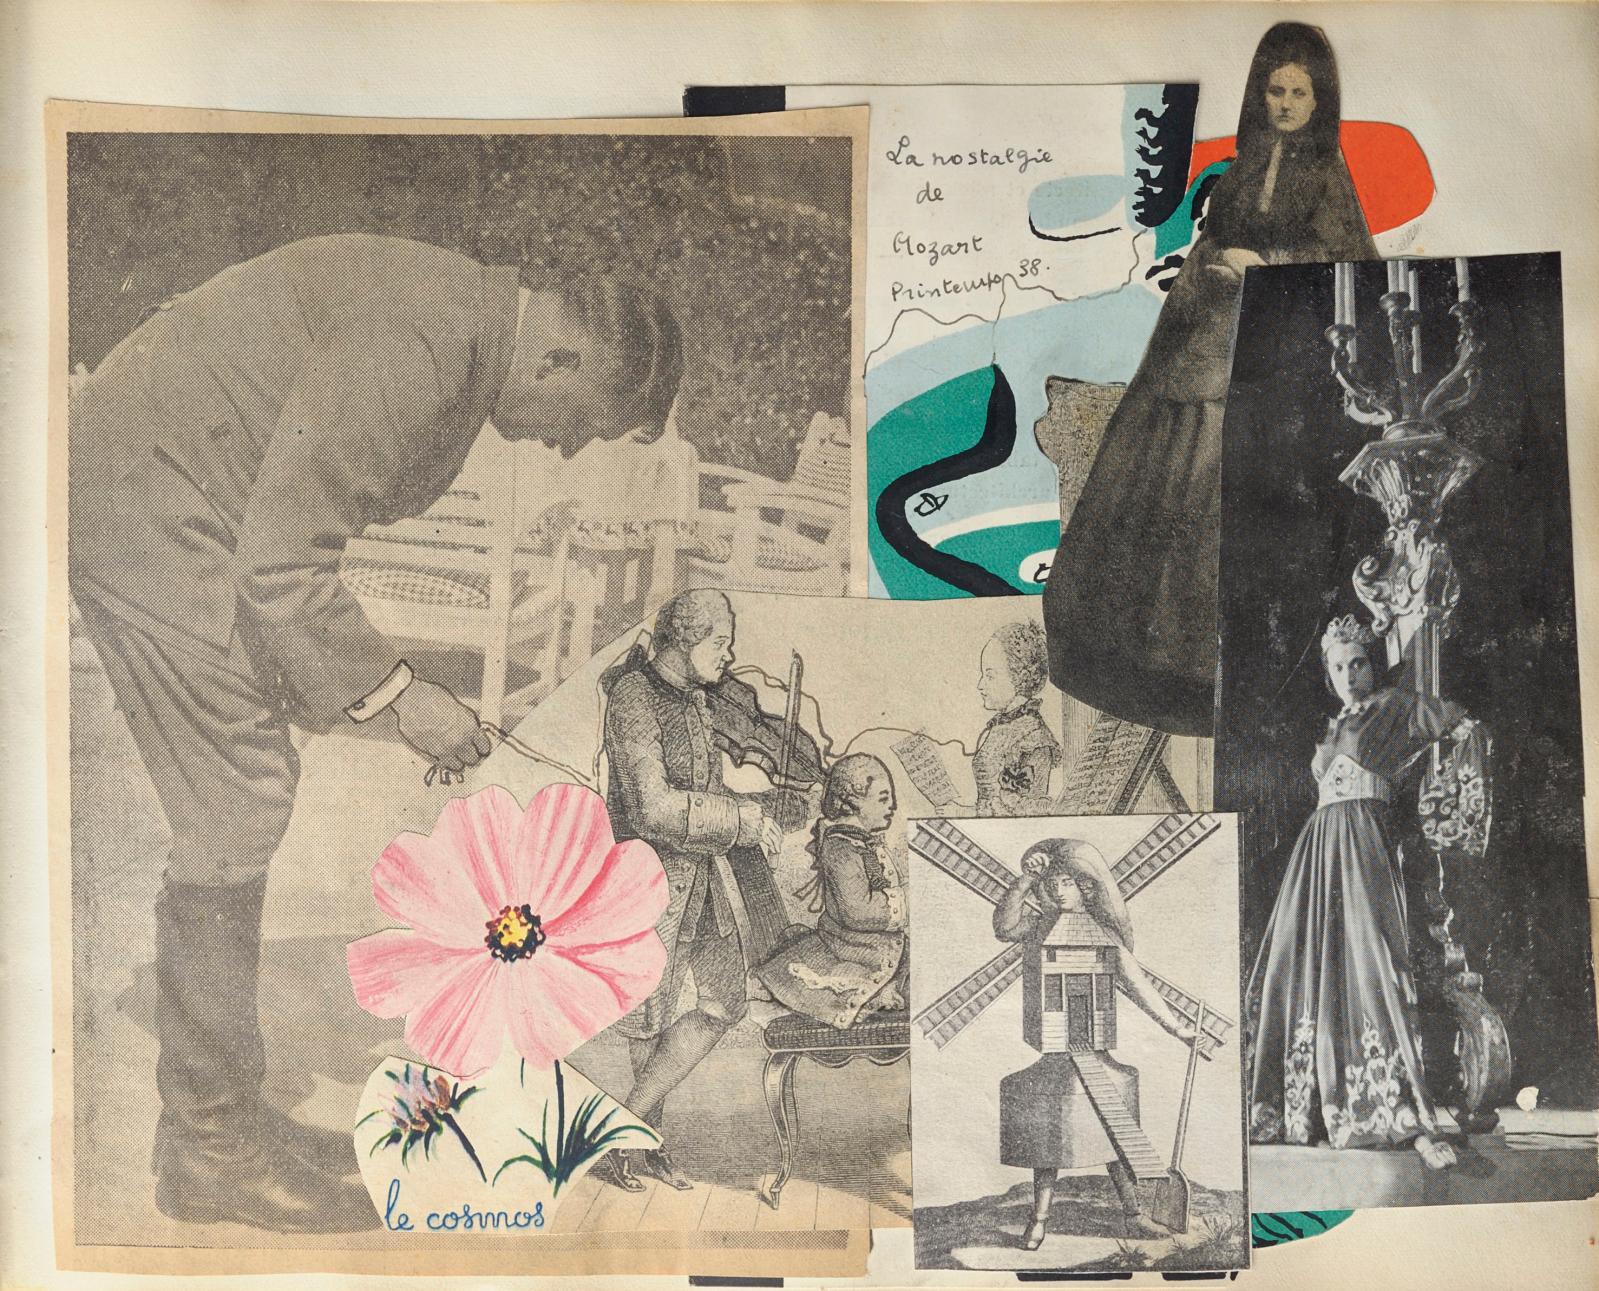 Georges Auric, Marie-Laure de Noailles et Luis Buñuel, Hyères, janvier 1930. Collection privée.